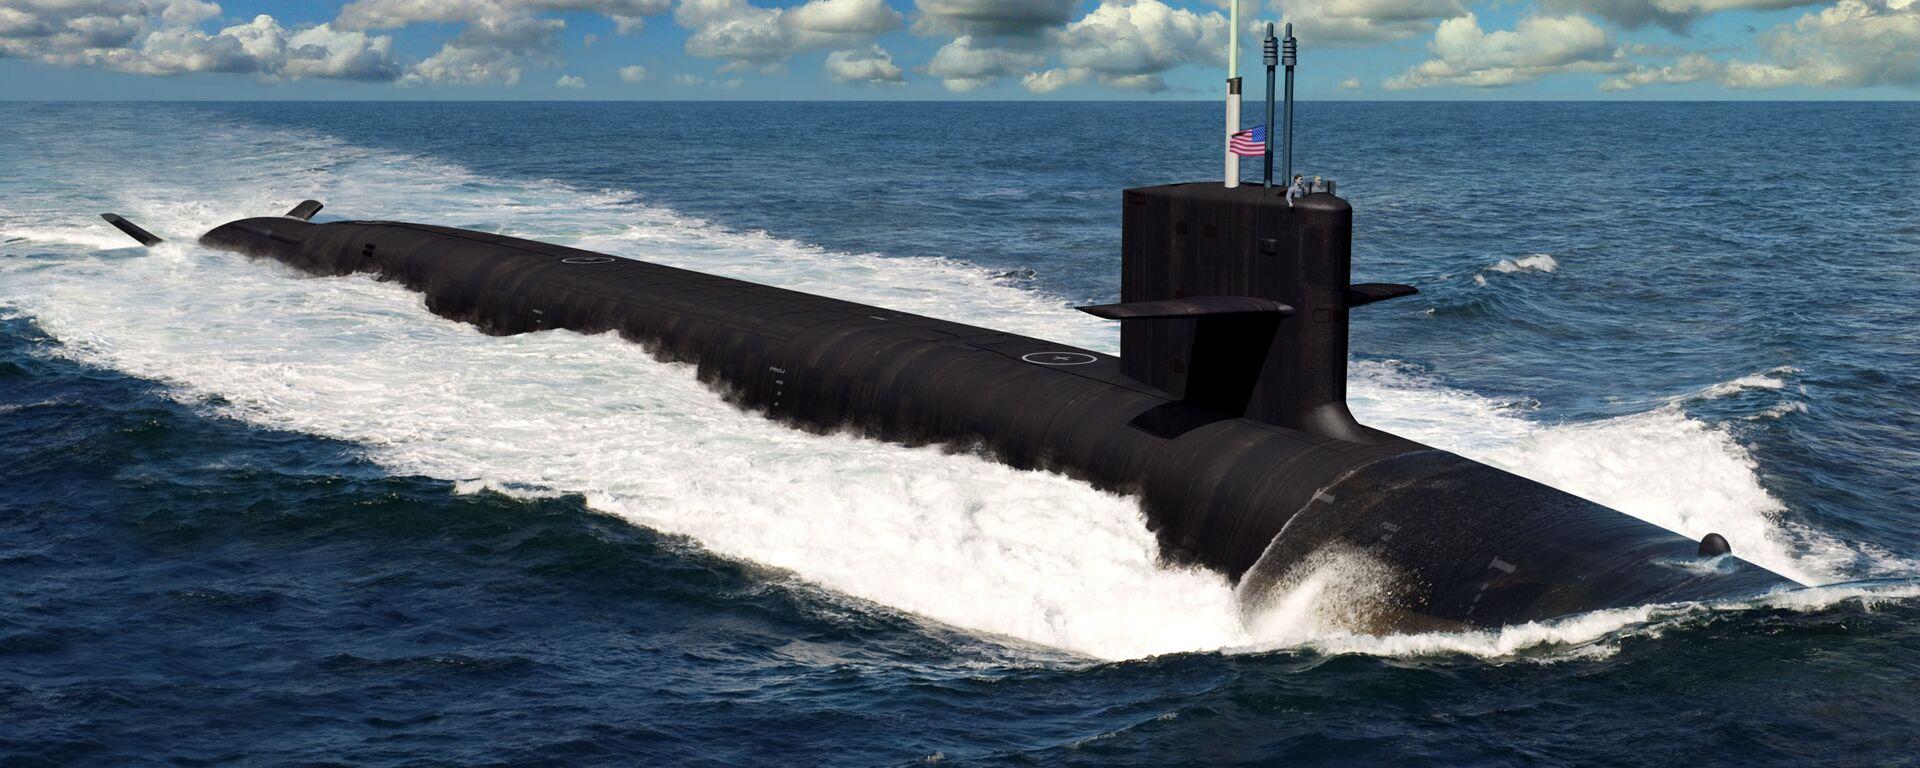 L'illustrazione del sottomarino futuro statunitense di classe Columbia - Sputnik Italia, 1920, 19.09.2021